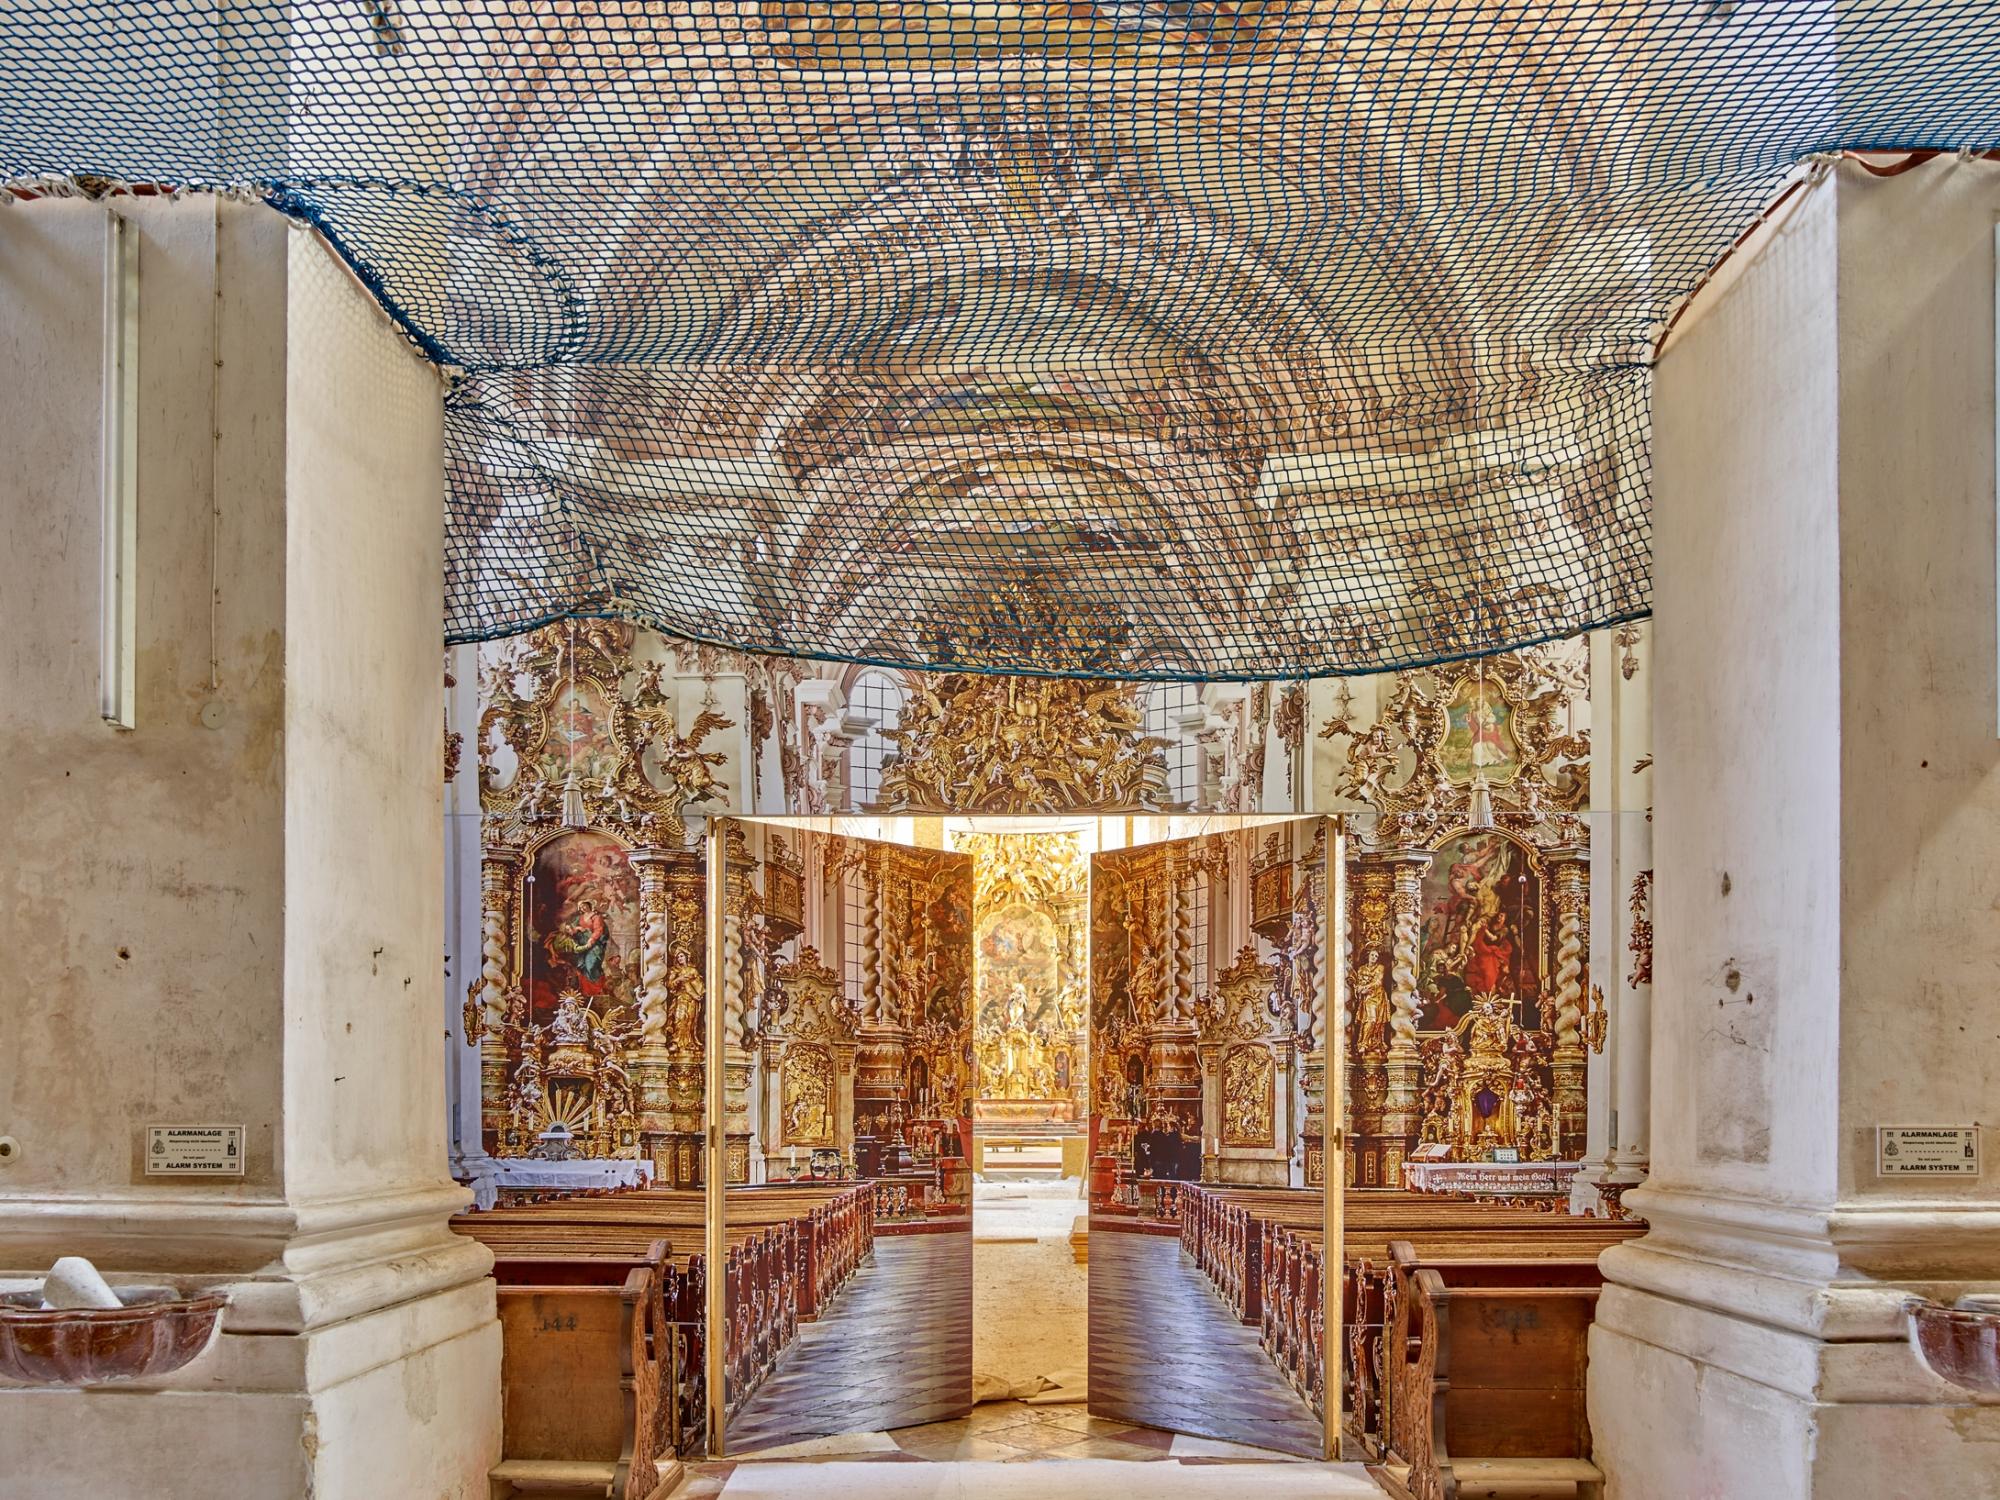 Asamkirche-Aldersbach_Innenraum-auf-Großleinwand_CF003407_peda_r